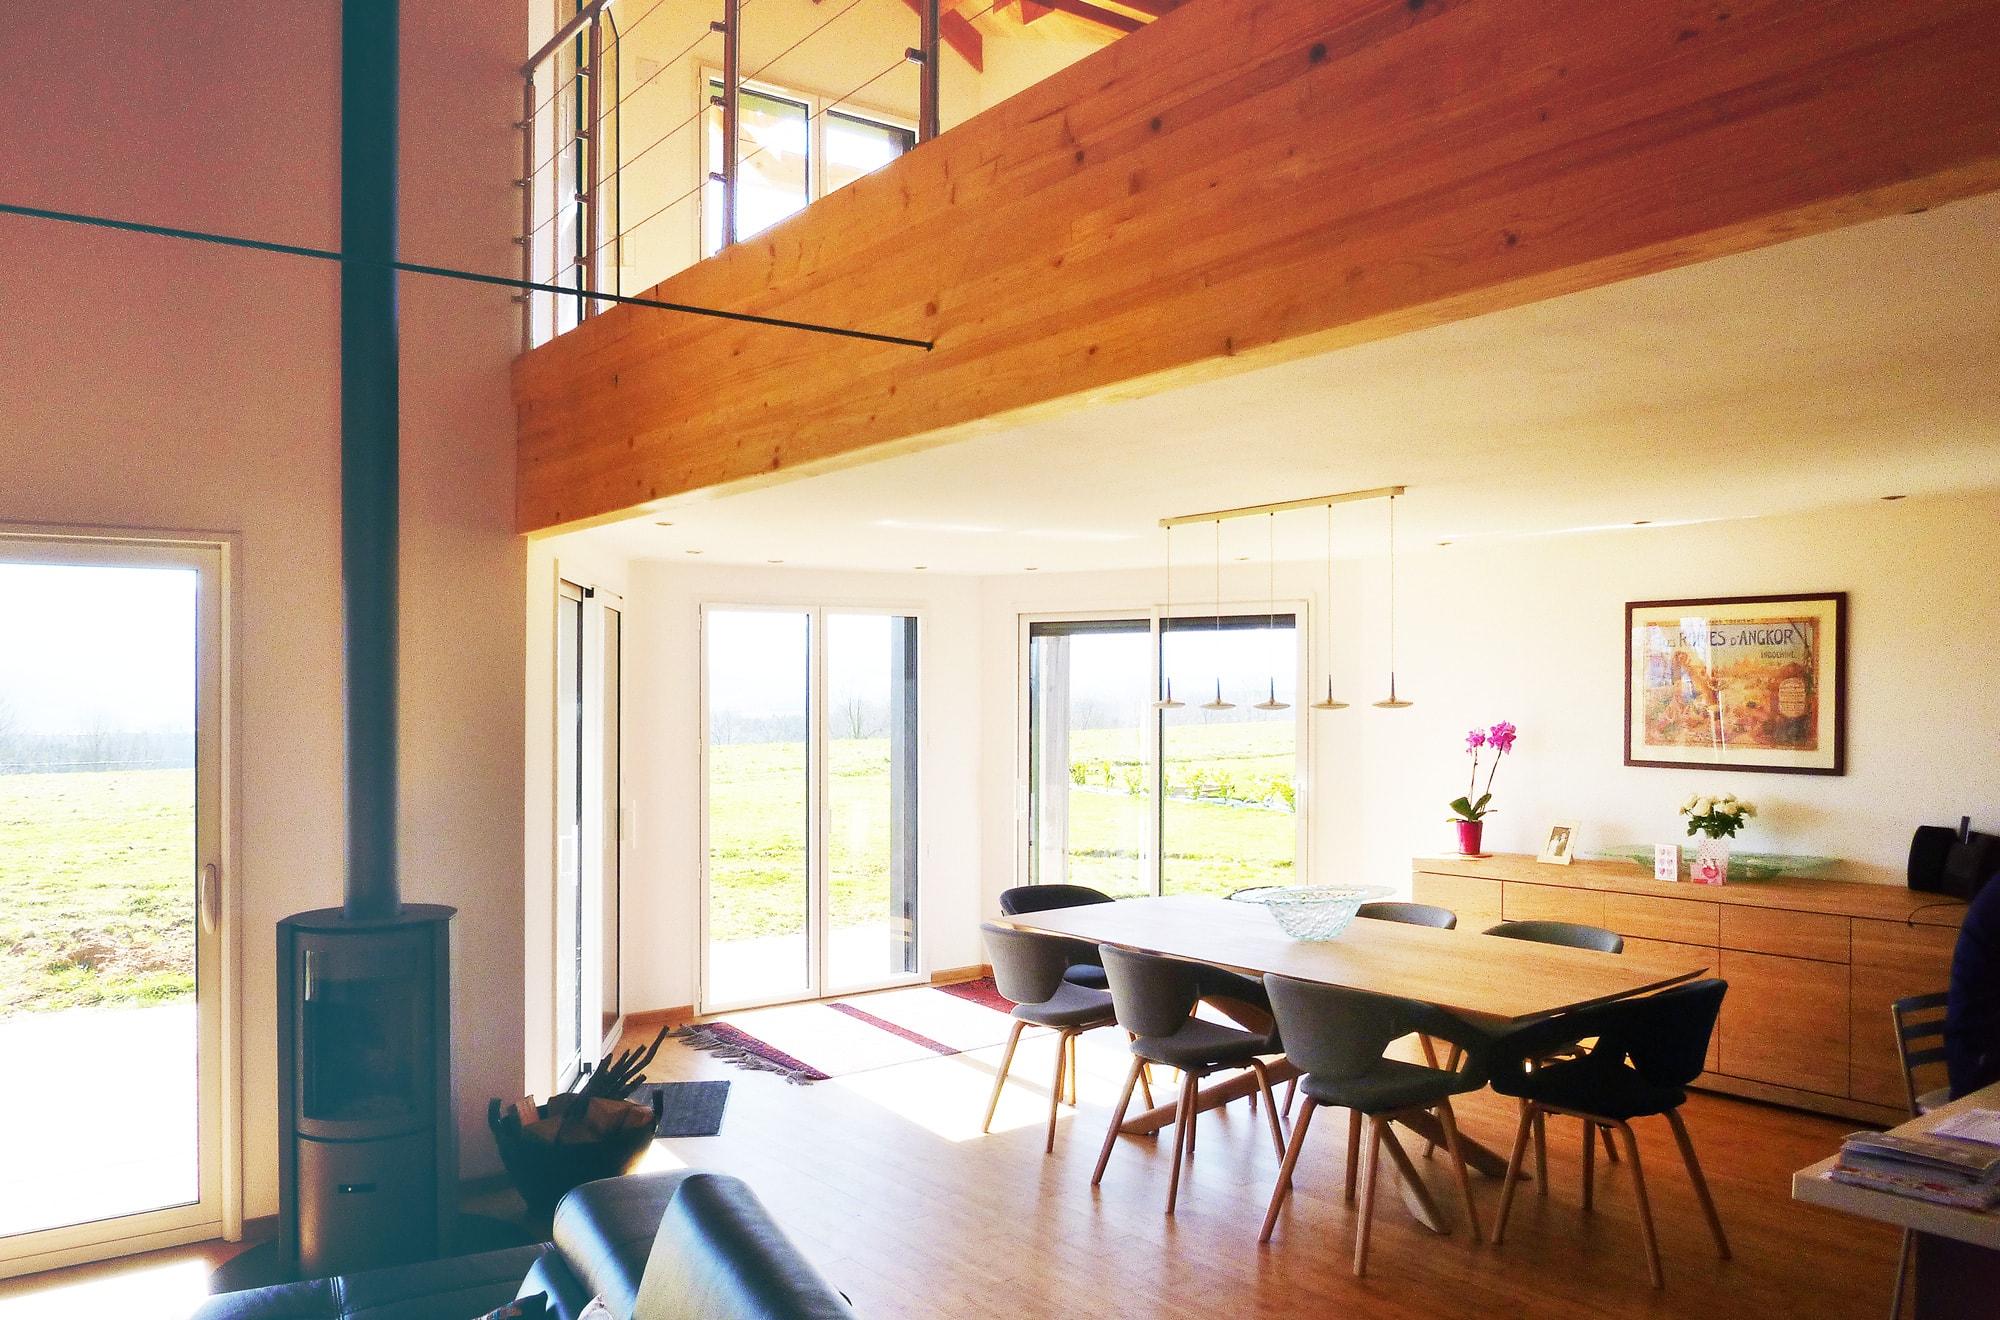 Constructeur De Maison Gers accueil - nature bois conception - maisons bois, gers